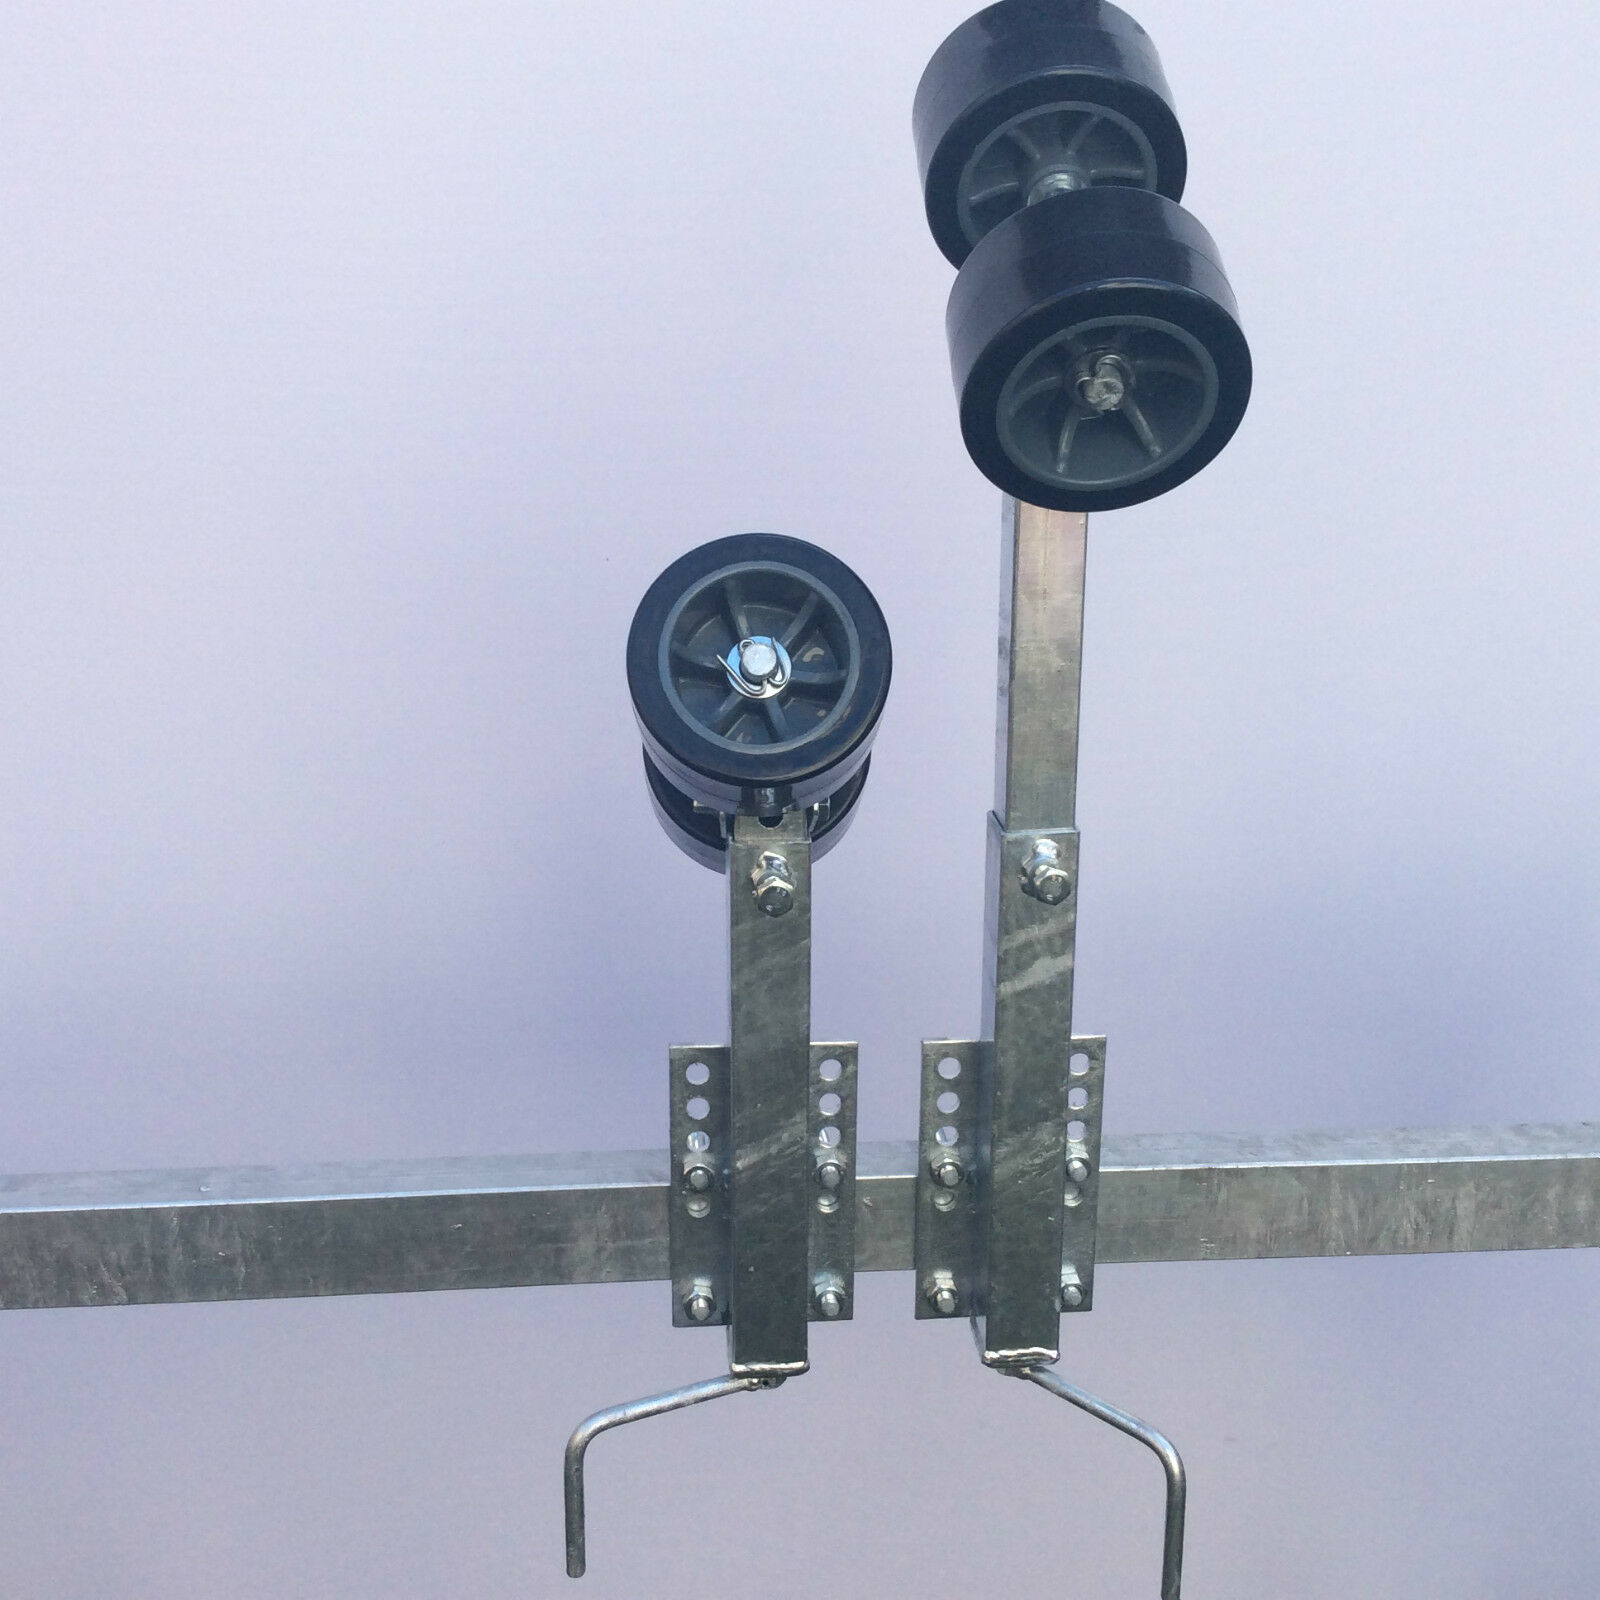 Kurbelstütze Sliprollen mit Sliprollen Kurbelstütze aus Polyurethan für Stiefeltrailer , kein Abrieb ebb7b7